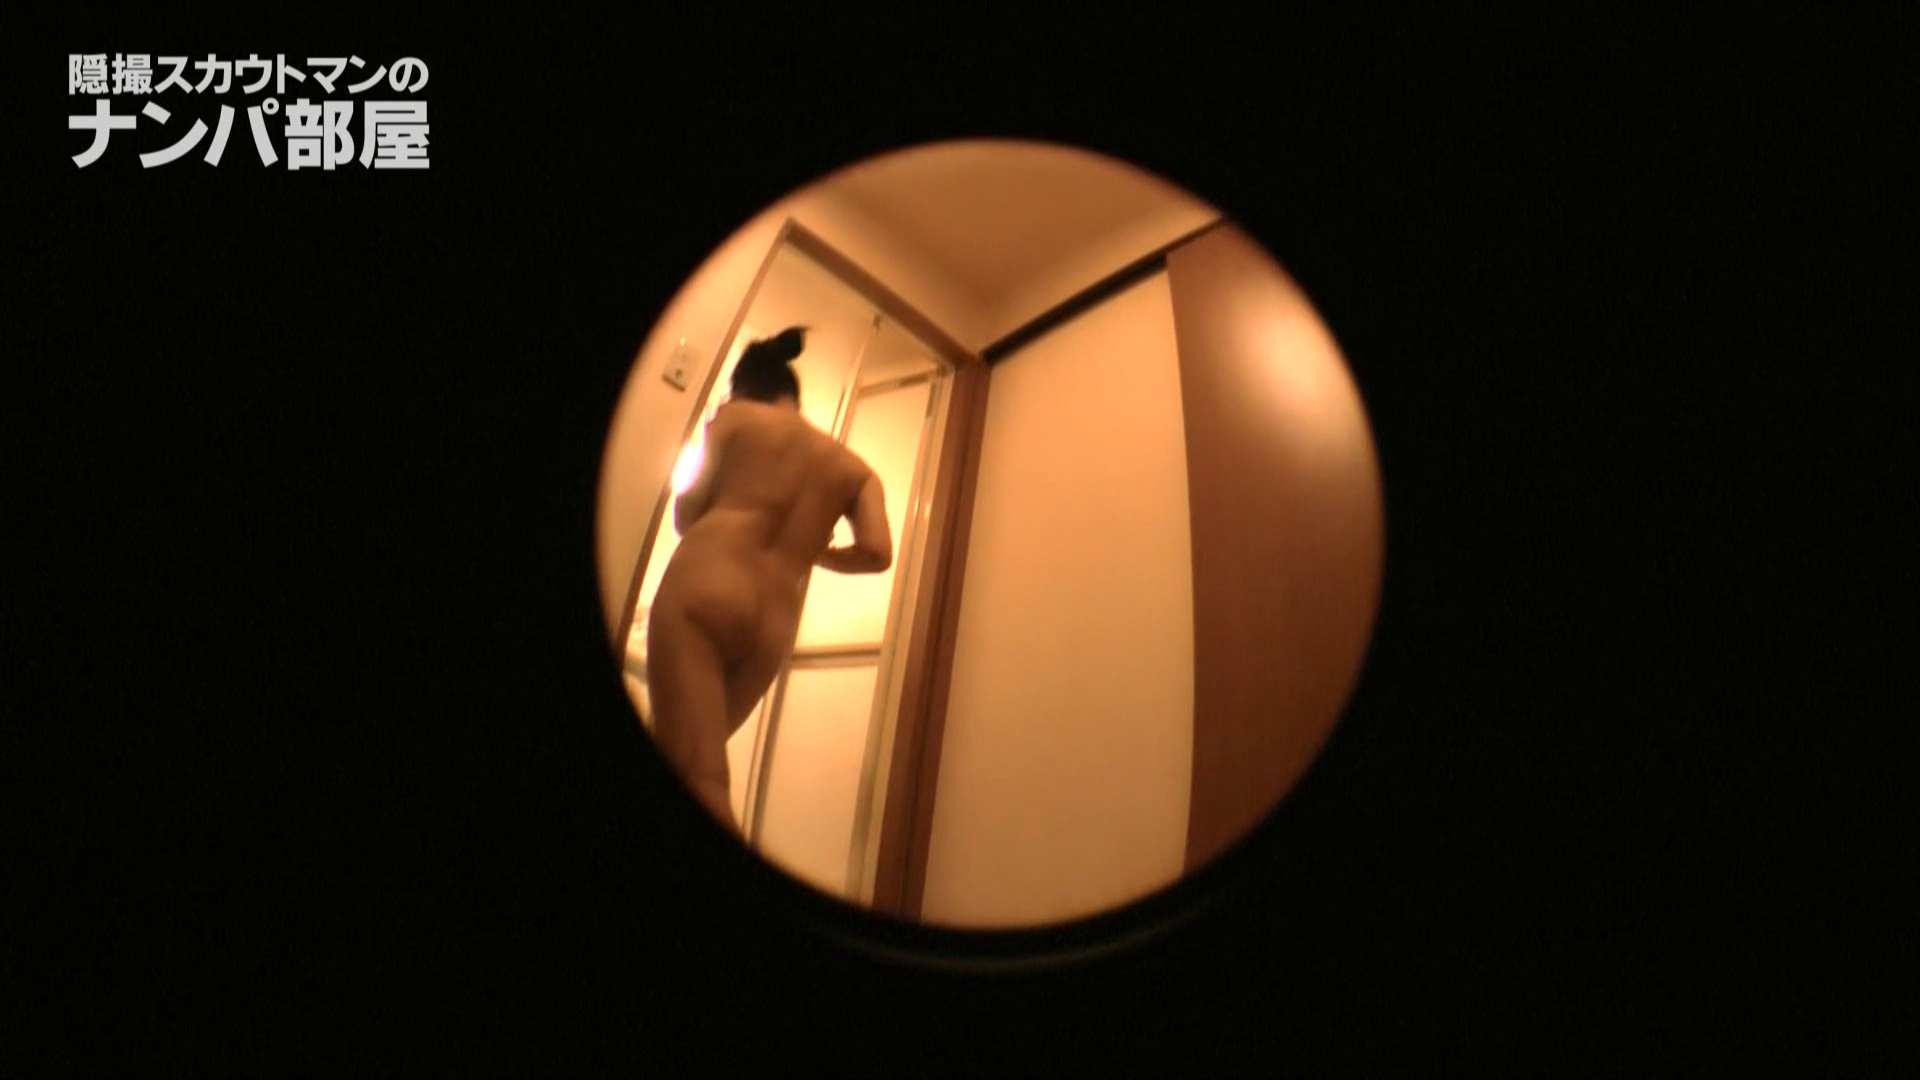 隠撮スカウトマンのナンパ部屋~風俗デビュー前のつまみ食い~hanavol.3 脱衣所  84連発 24